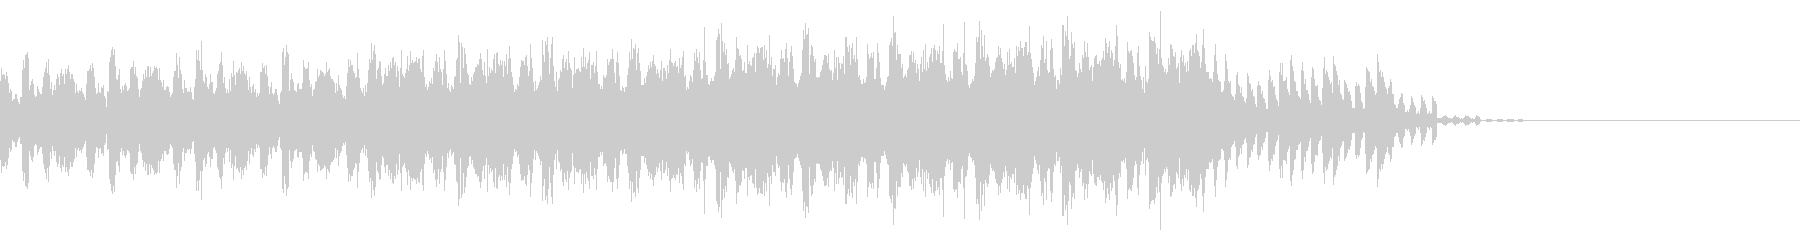 重苦しいハードテクノのエンディング30秒の未再生の波形